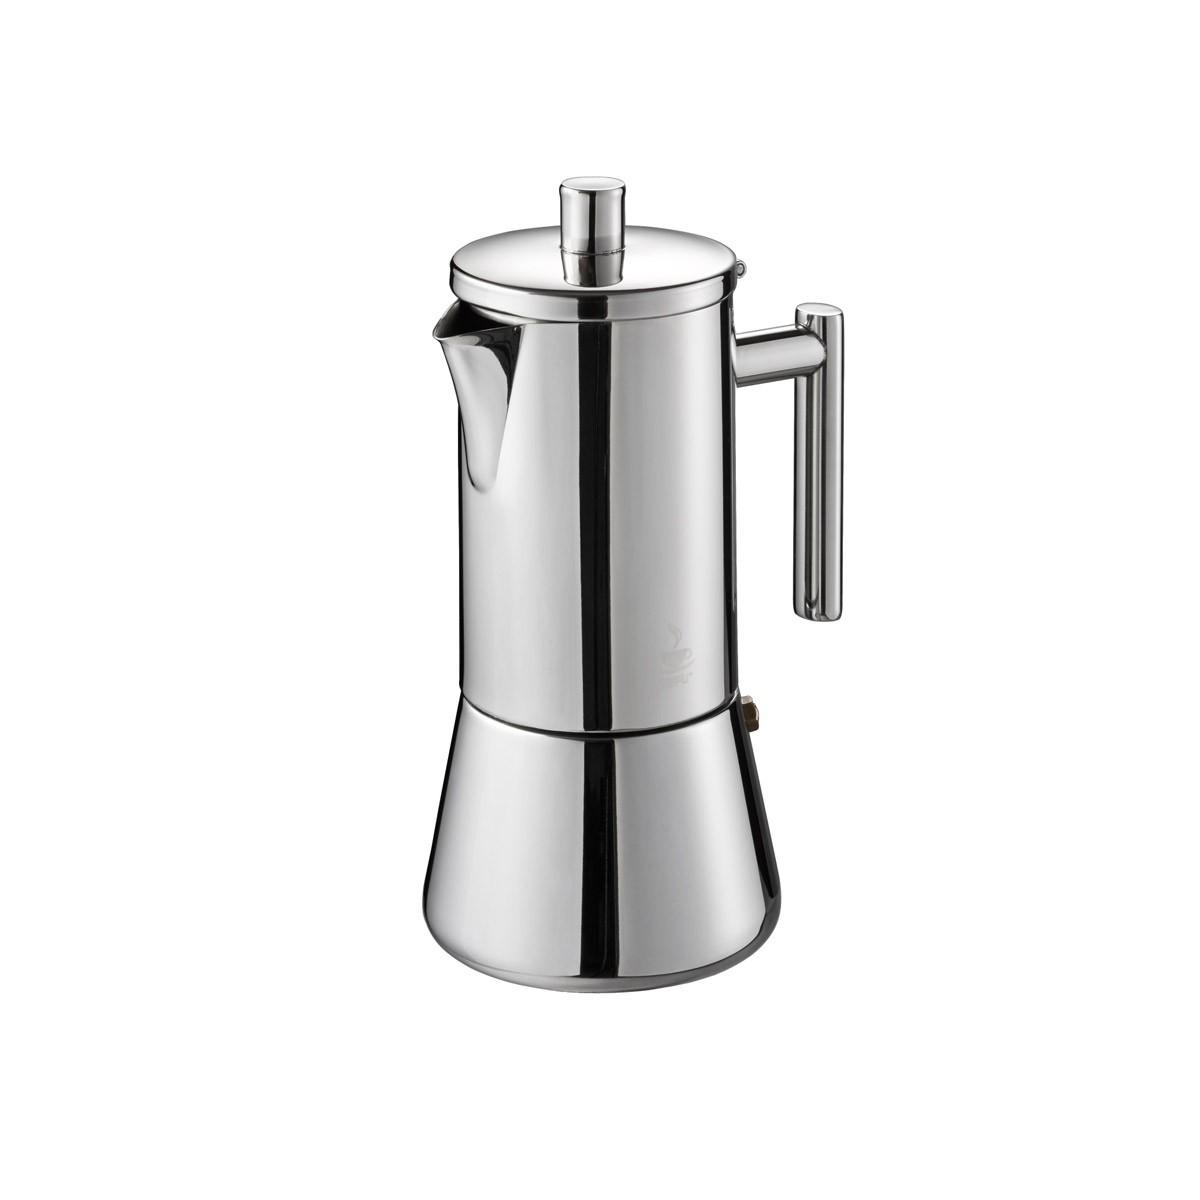 Espressokocher NANDO - 4 Tassen - Edelstahl - für alle Herdarten